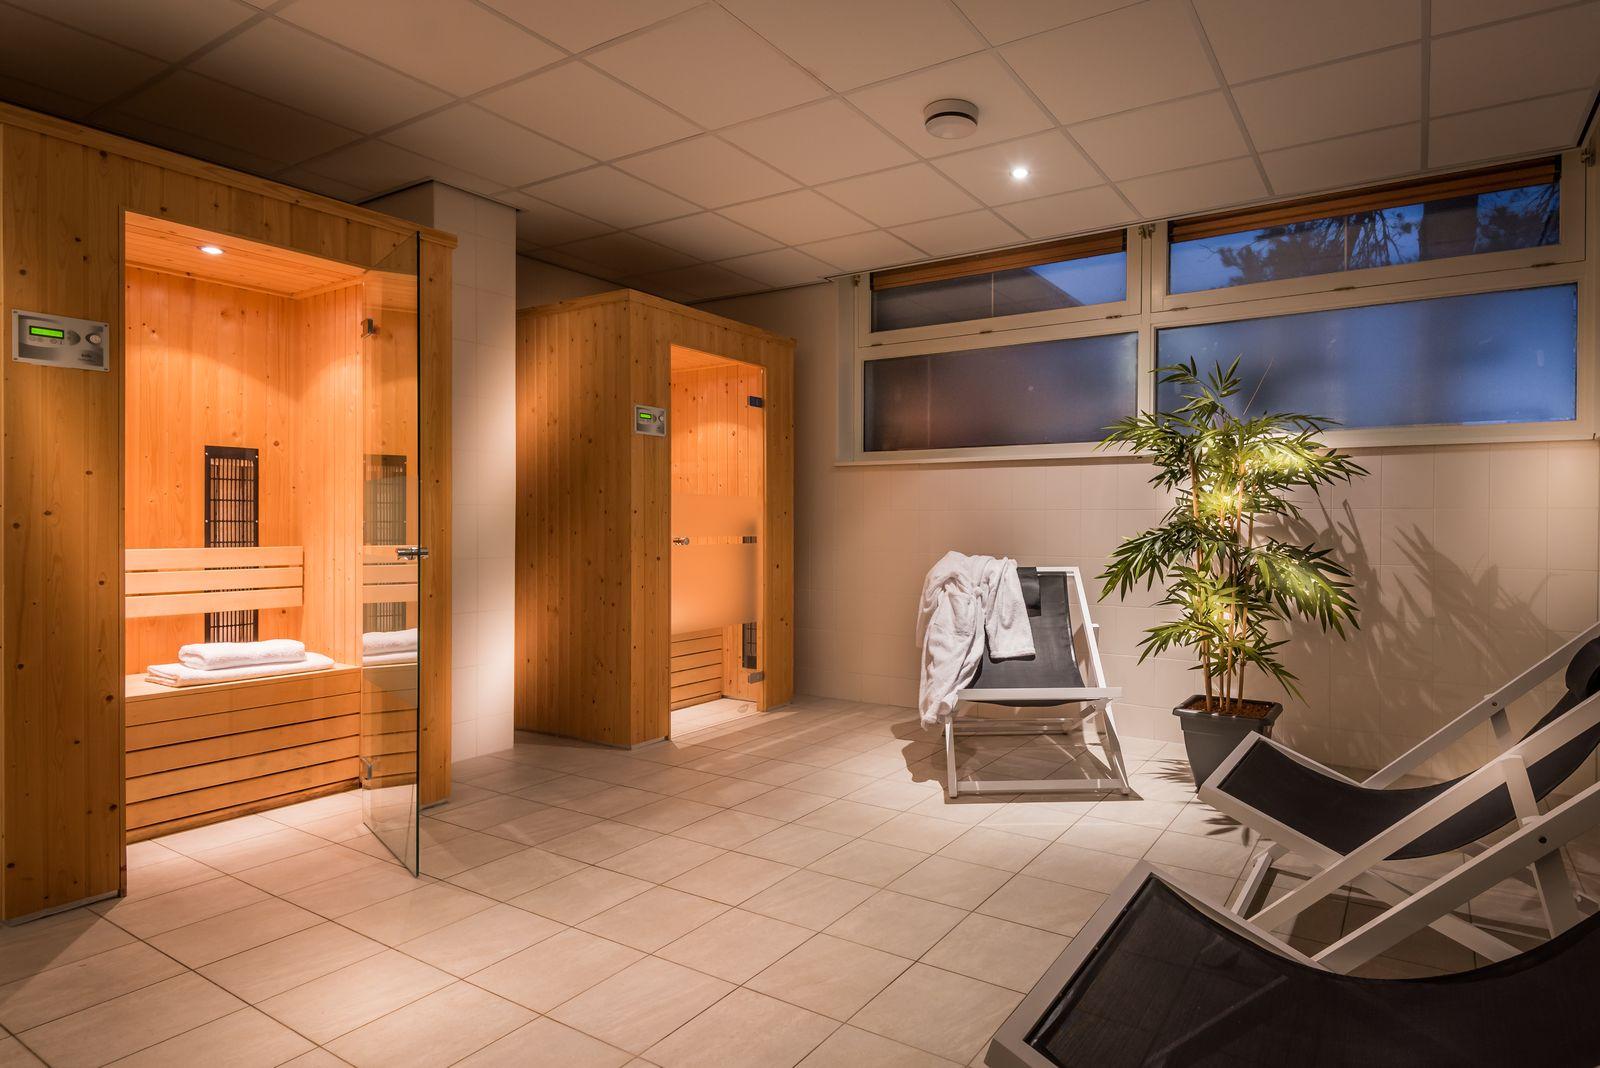 Afbeelding van Relax suite